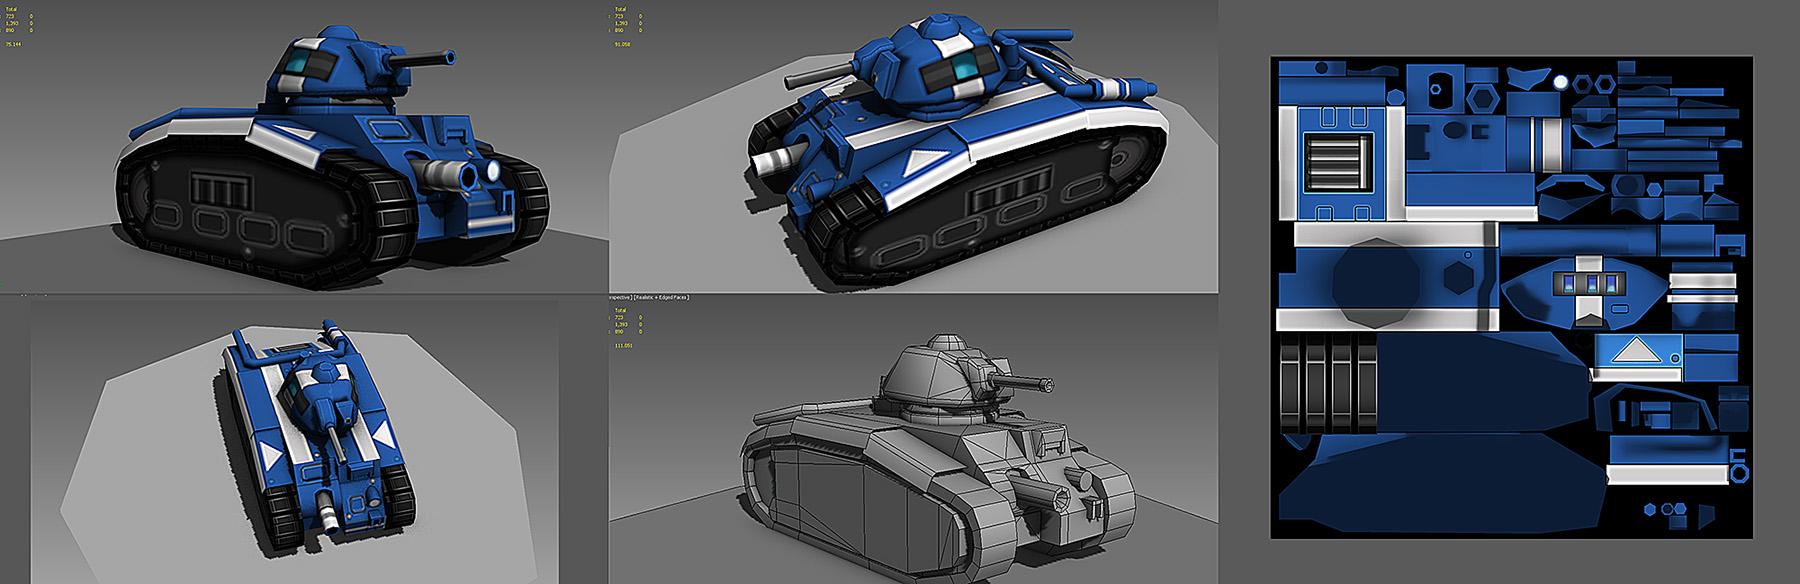 Tank_b1_bis